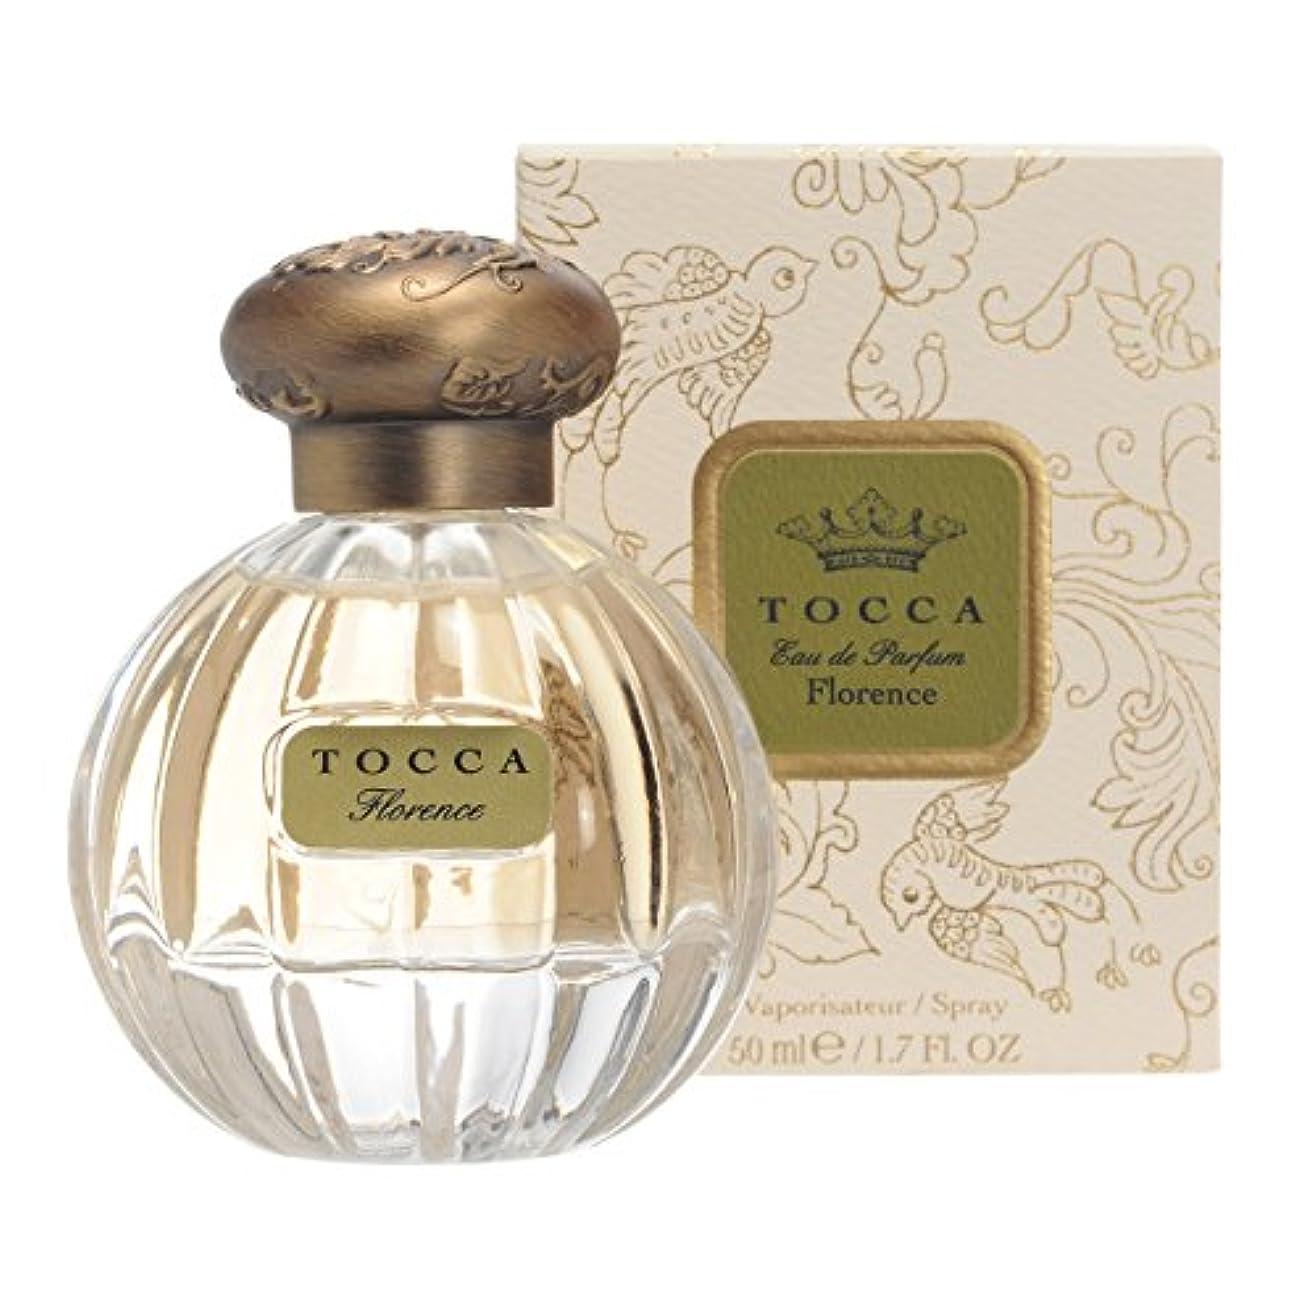 パンチチーフマイルドトッカ(TOCCA) オードパルファム フローレンスの香り 50ml(香水 パリジェンヌの洗練された美しさを演出する、ガーデニアとスミレが漂う上品なフローラルの香り)